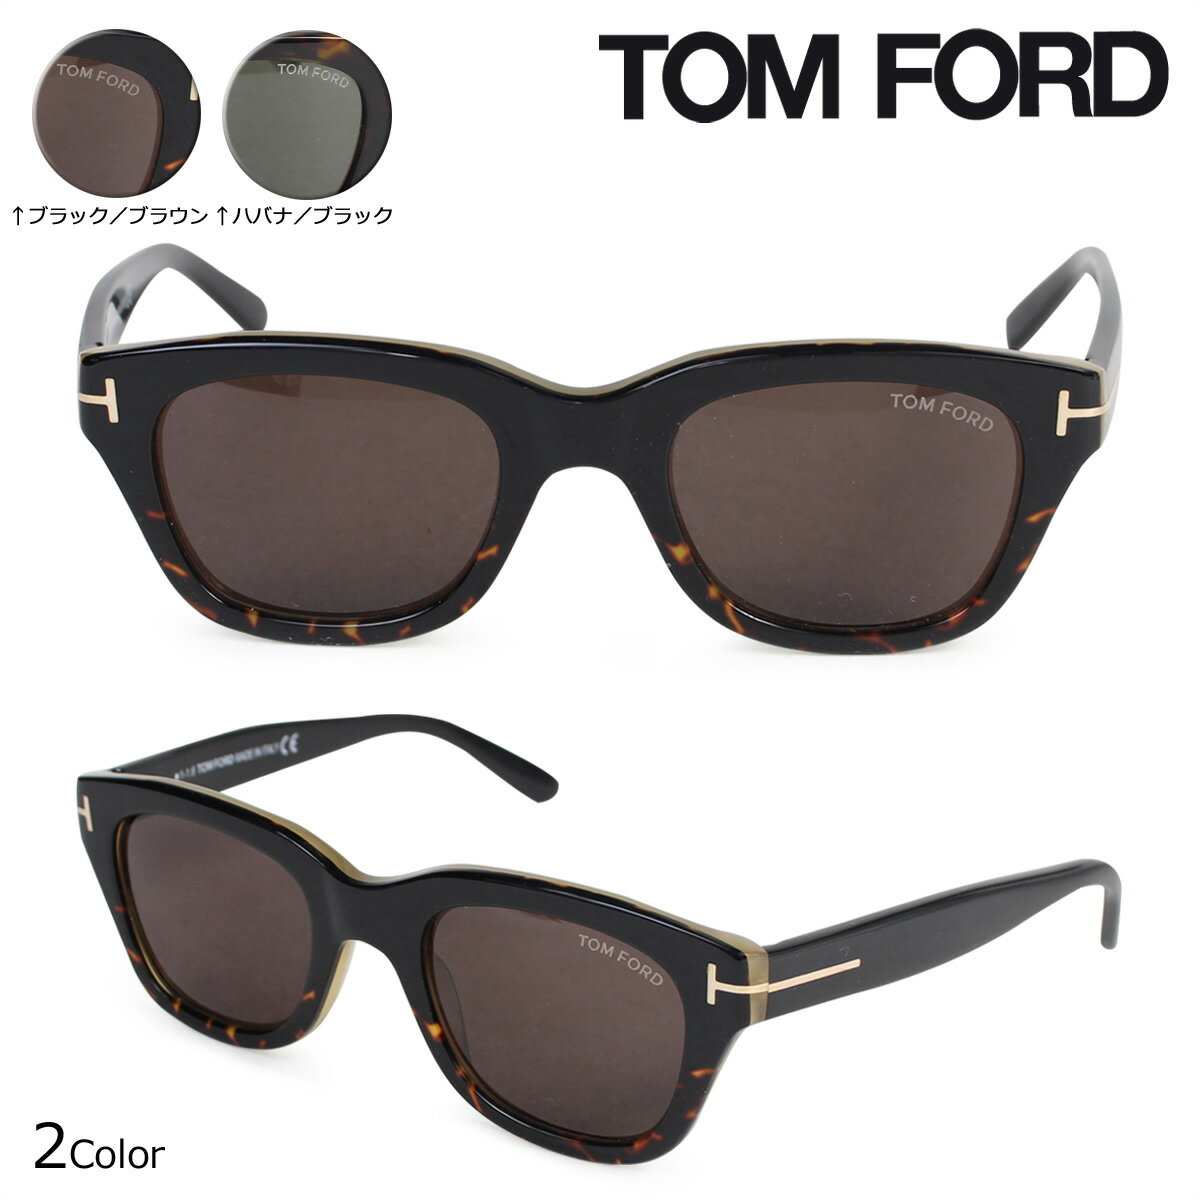 TOM FORD SNOWDON SUNGLASSES サングラス アジアンフィット メンズ レディース トムフォード アイウェア ASIAN FITTING FT0237 ウェリントン 2カラー [8/7 追加入荷] [188] 【決算セール】